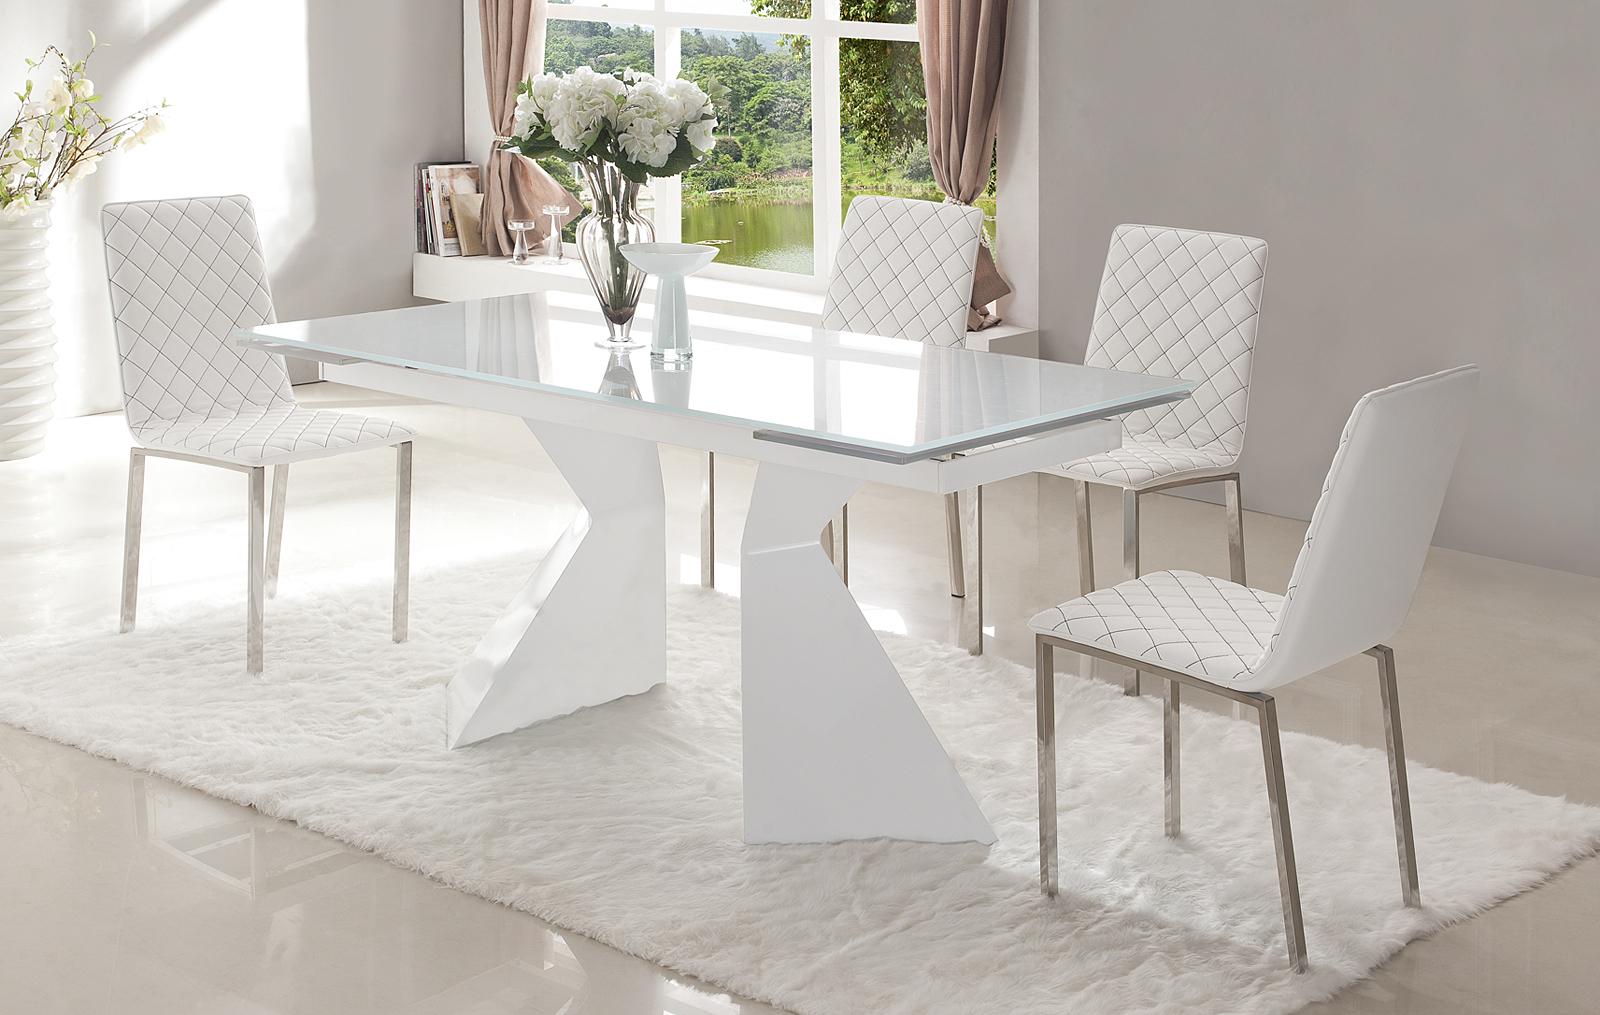 Стол ESF CT992 белый и стулья ESF BZ-692 белый